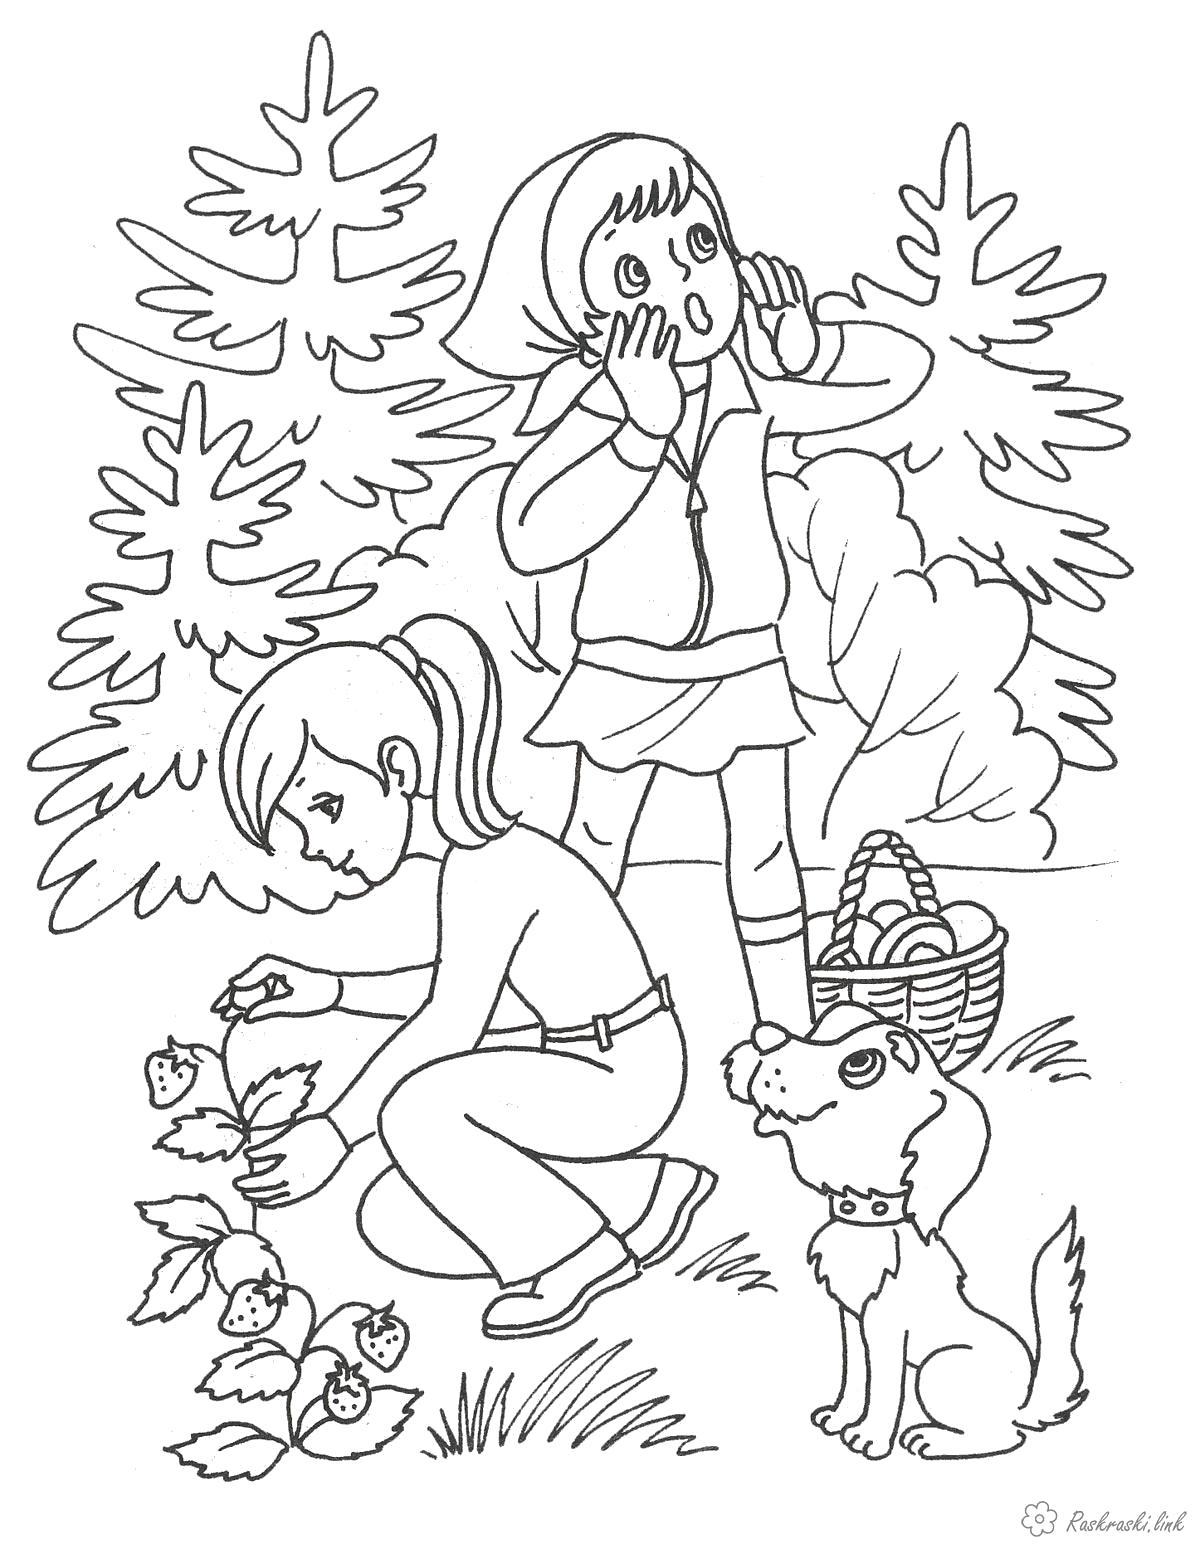 Раскраска  Лето  лето две девочки лес поход собачка. Скачать Лето.  Распечатать Лето